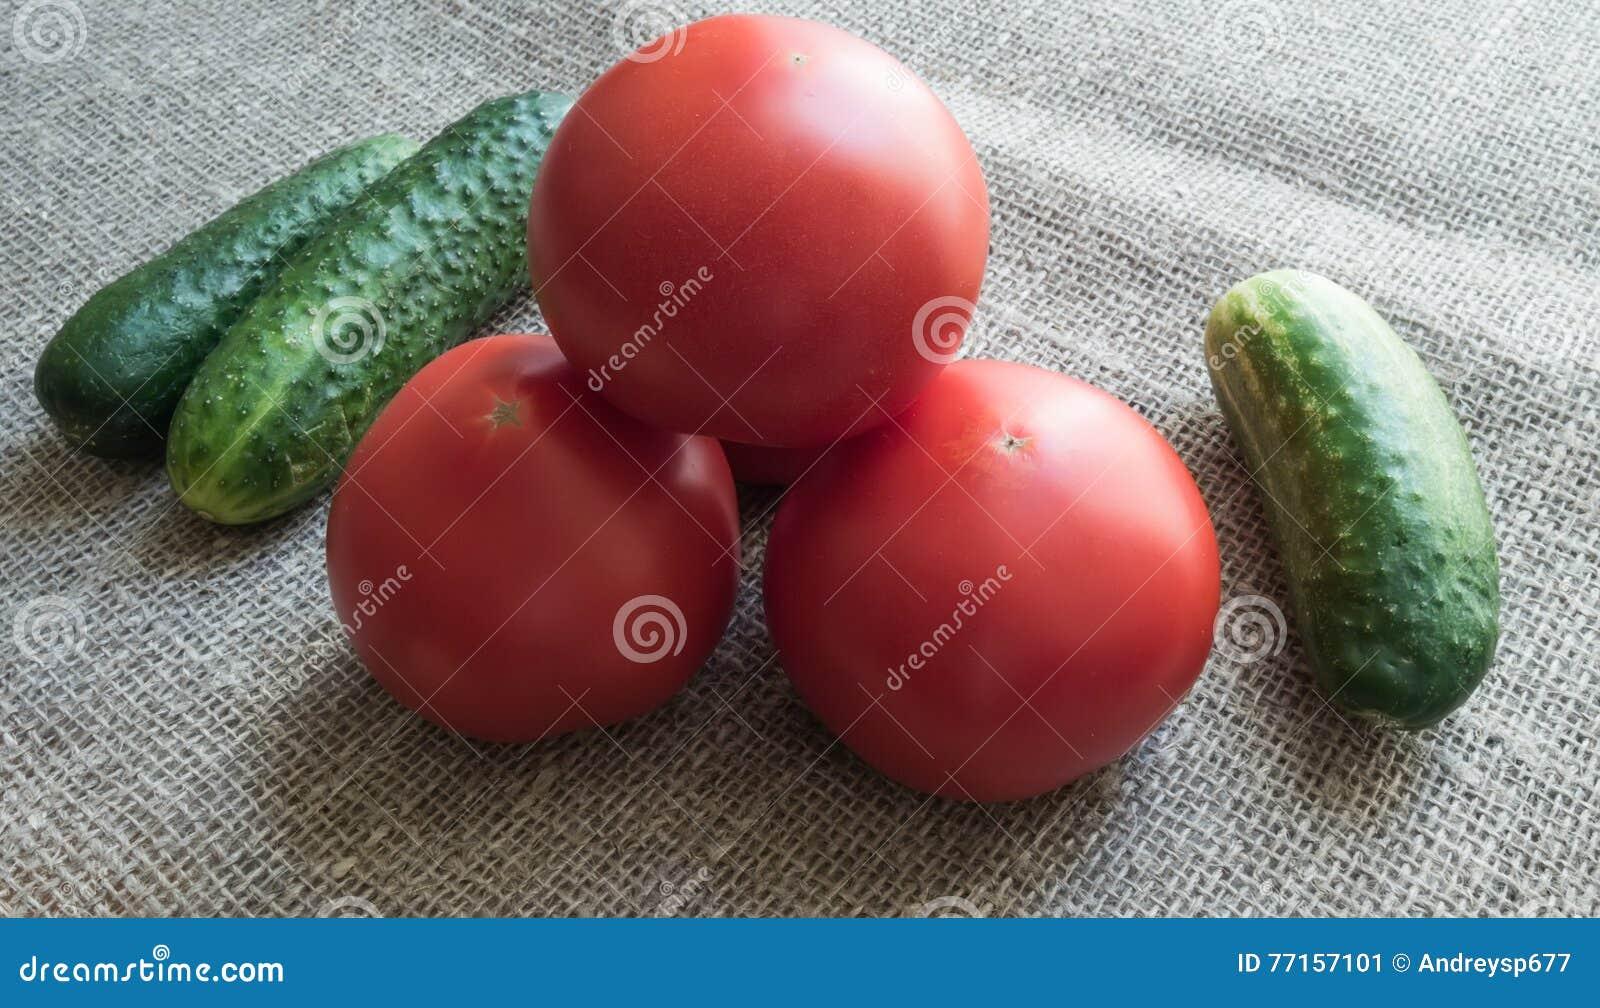 Concombres verts et tomates rouges sur la toile de jute